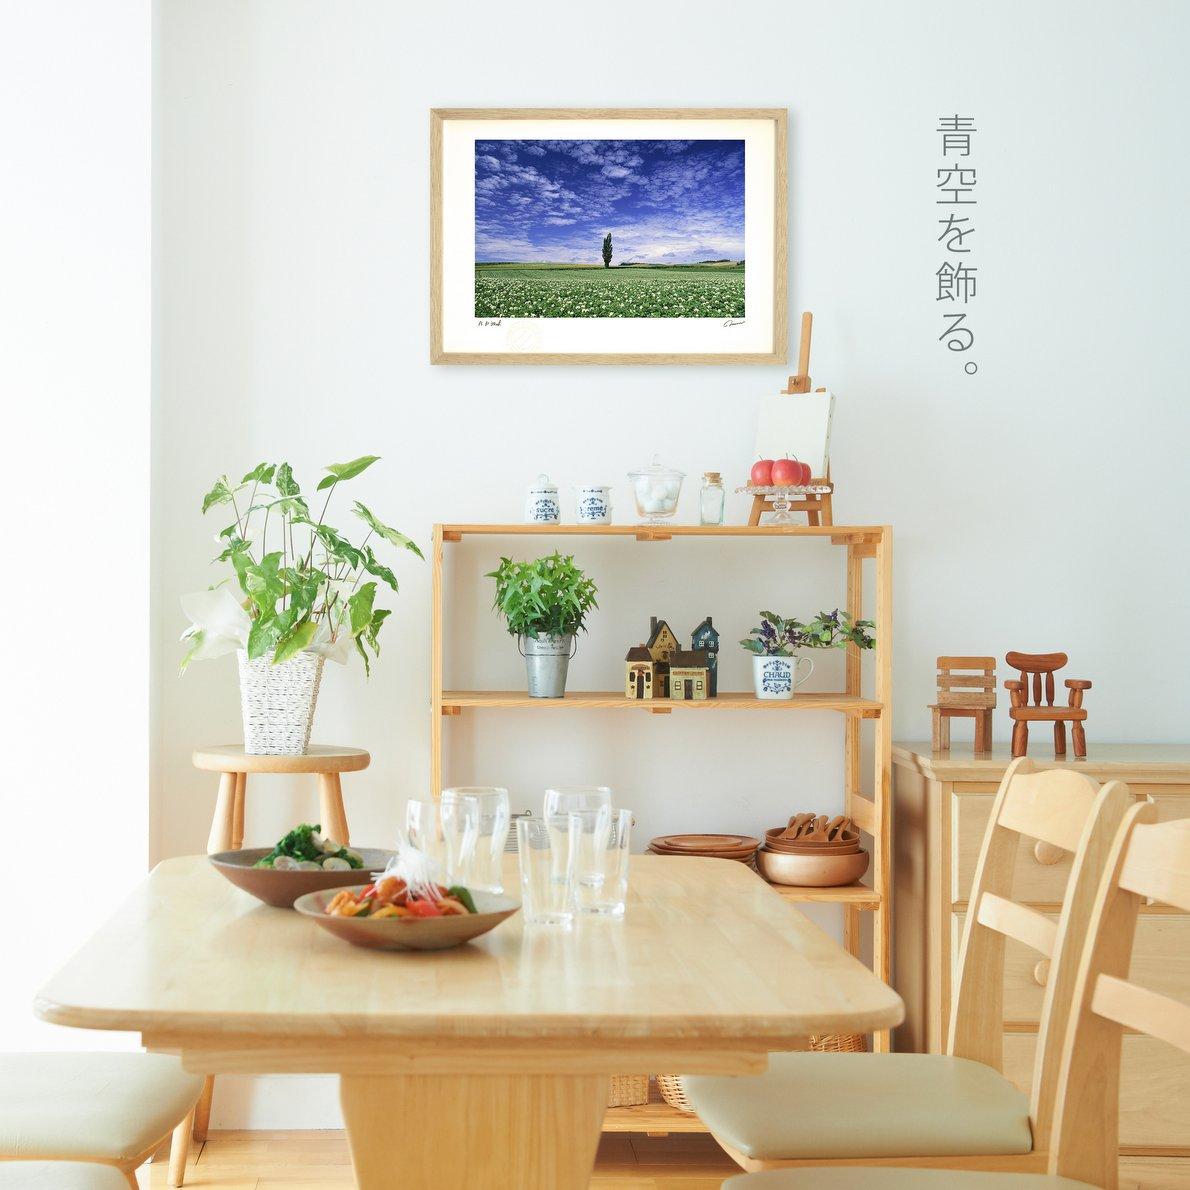 《アートフォト》日の出の桜2/上富良野町〔富良野・高橋真澄〕(レンタル対象)